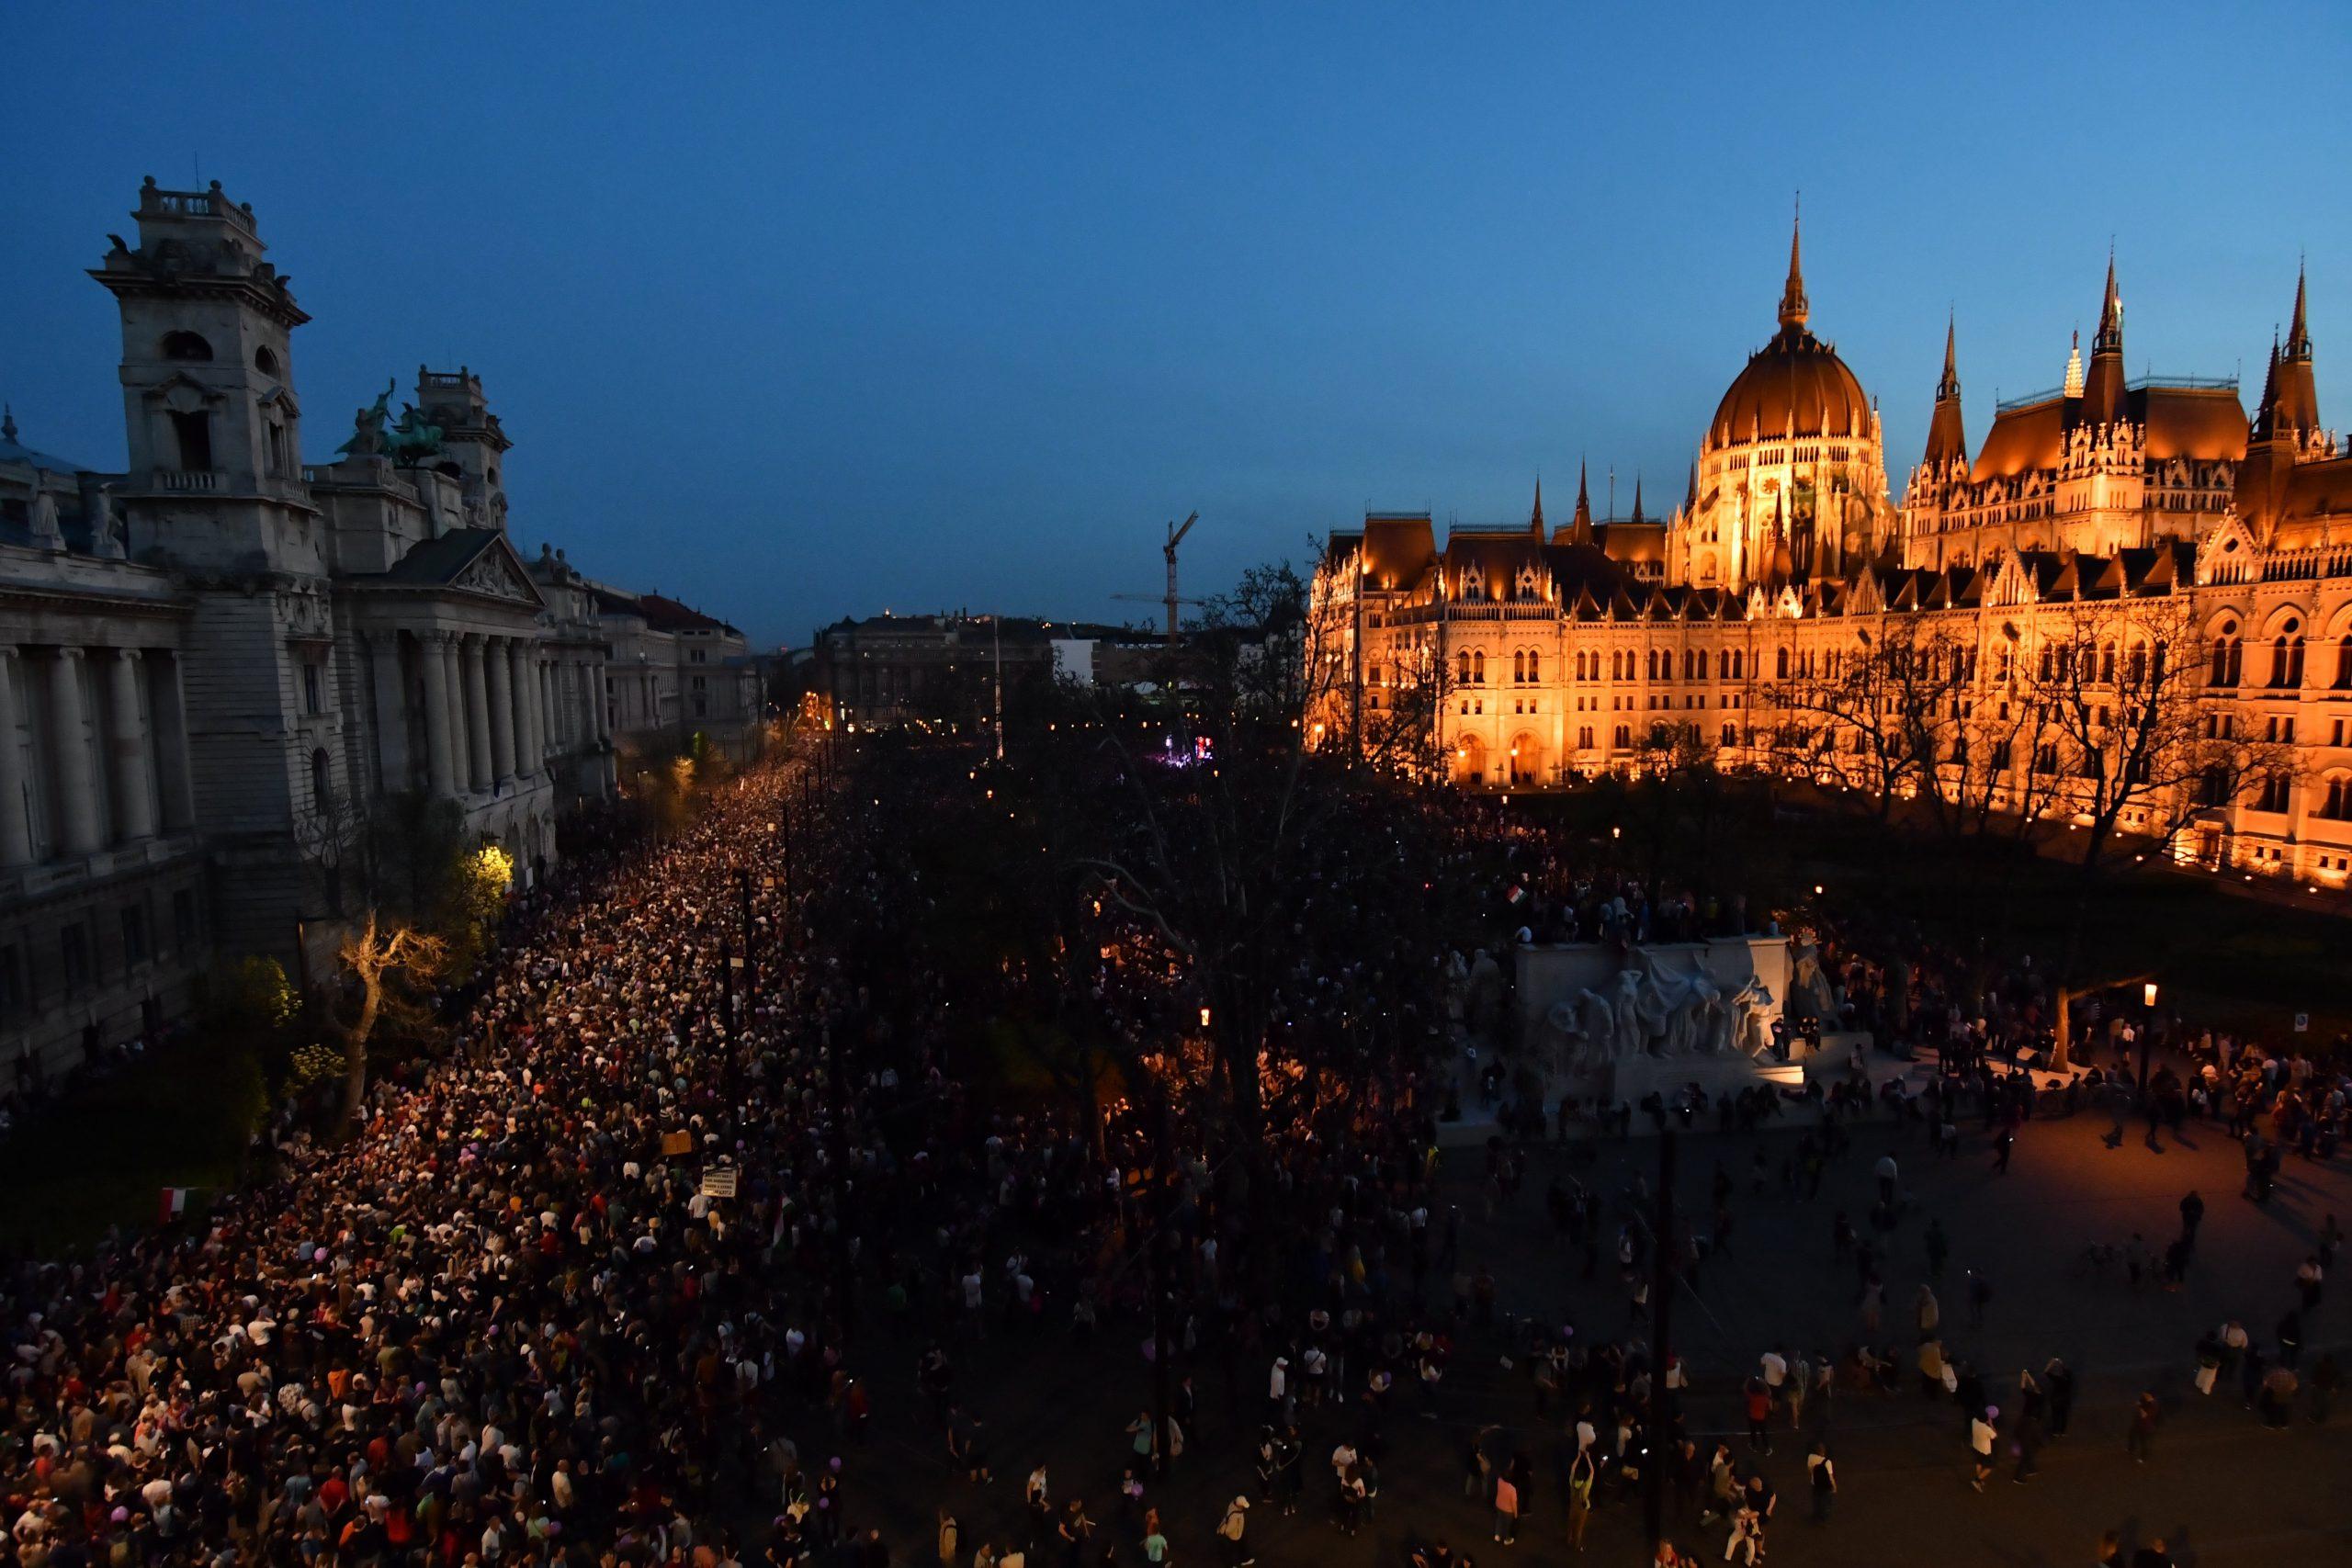 Új választásért és ellenzéki összefogásért demonstráltak Budapesten